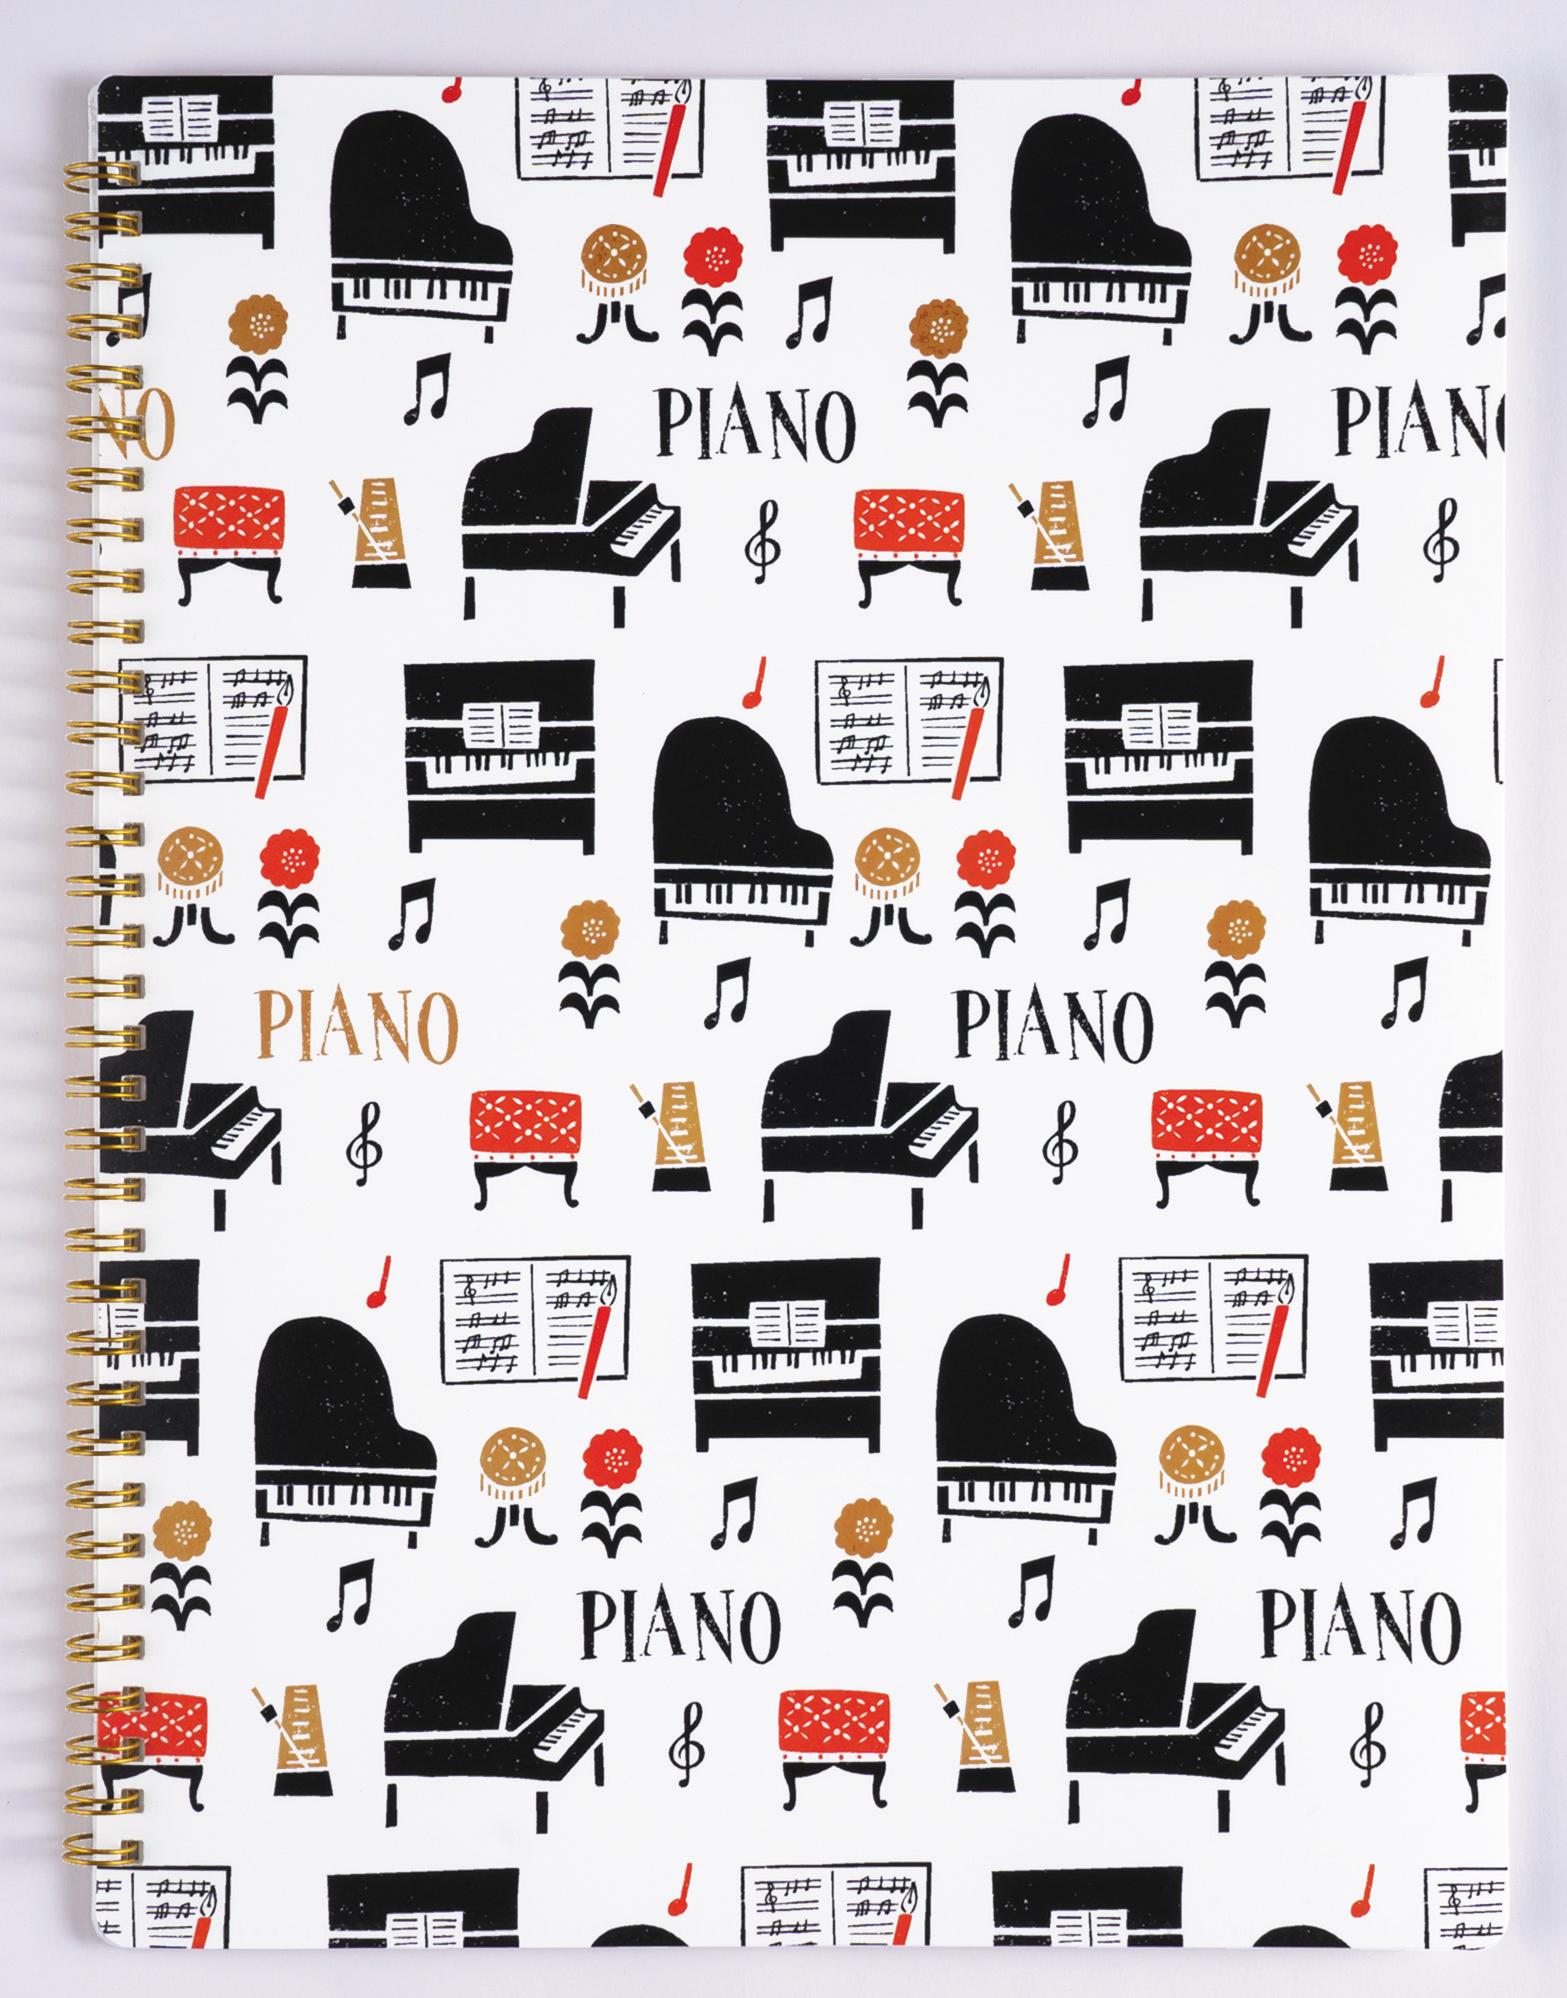 ポケットファイル la la PIANO ※お取り寄せ商品 引き出物 記念品 音楽雑貨 音符 ピアノモチーフ ト音記号 ピアノ雑貨